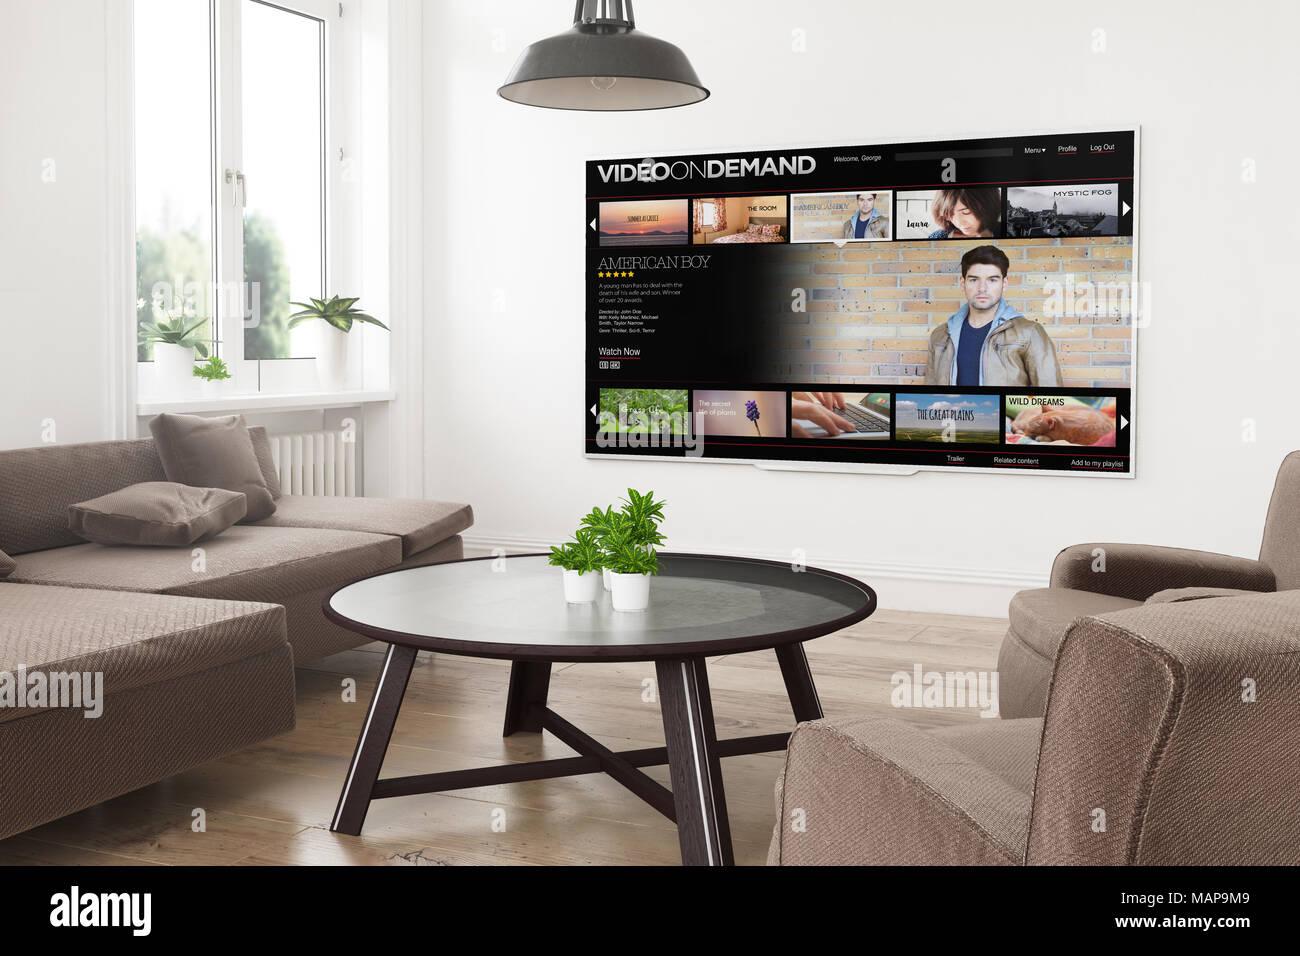 Panoramica moderne smart tv su un rendering 3D soggiorno con video ...